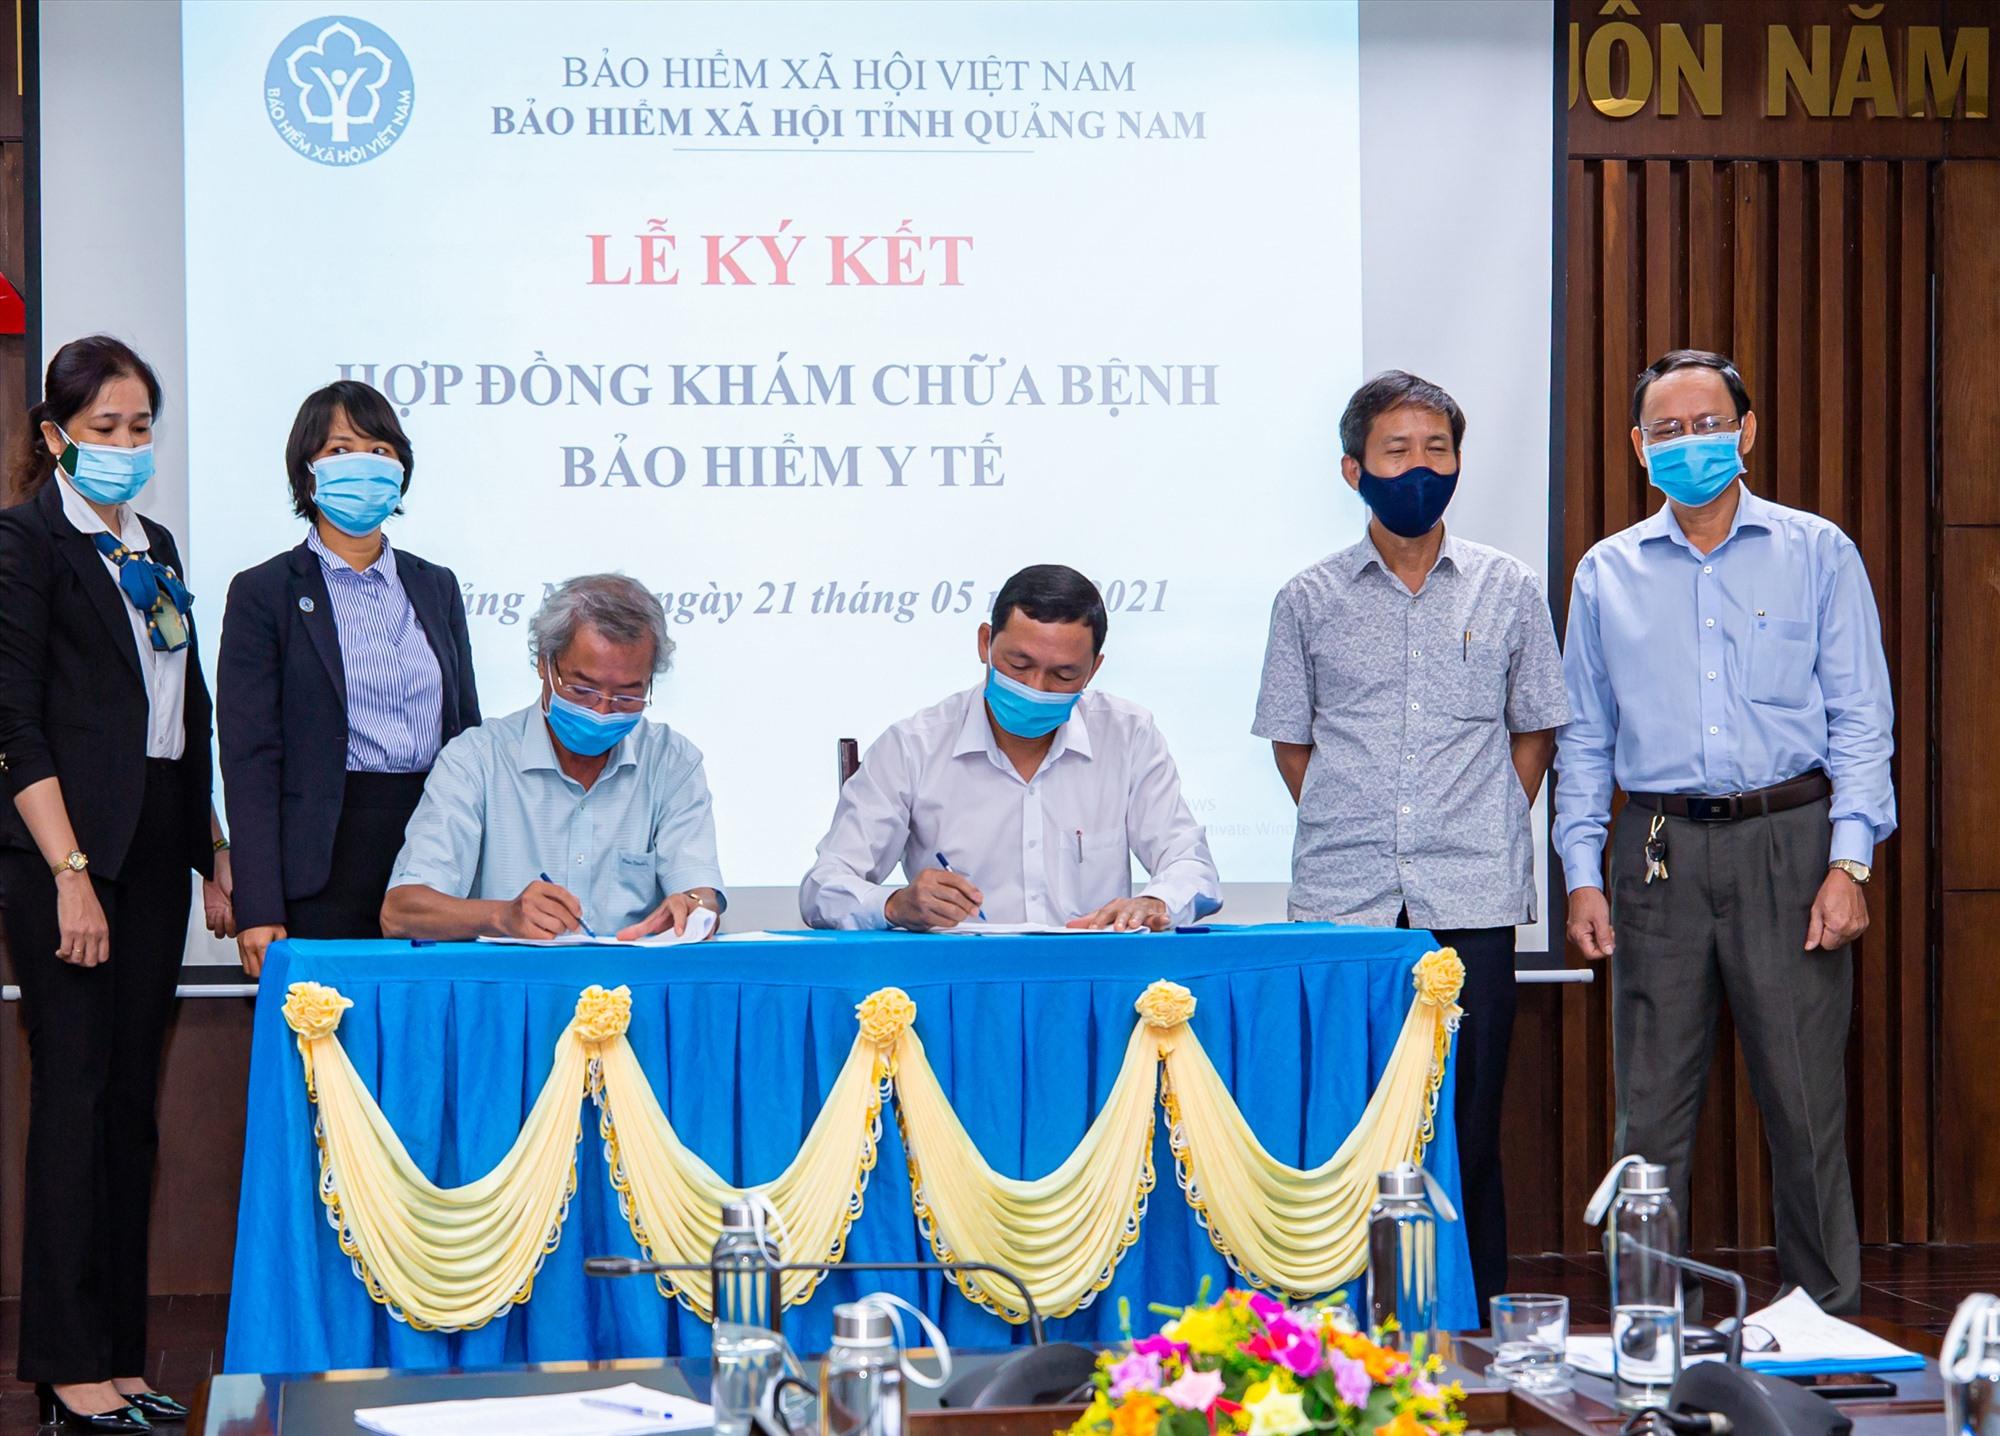 BHXH tỉnh ký kết hợp đồng khám chữa bệnh bảo hiểm y tế với phòng khám tư nhân. Ảnh: D.L